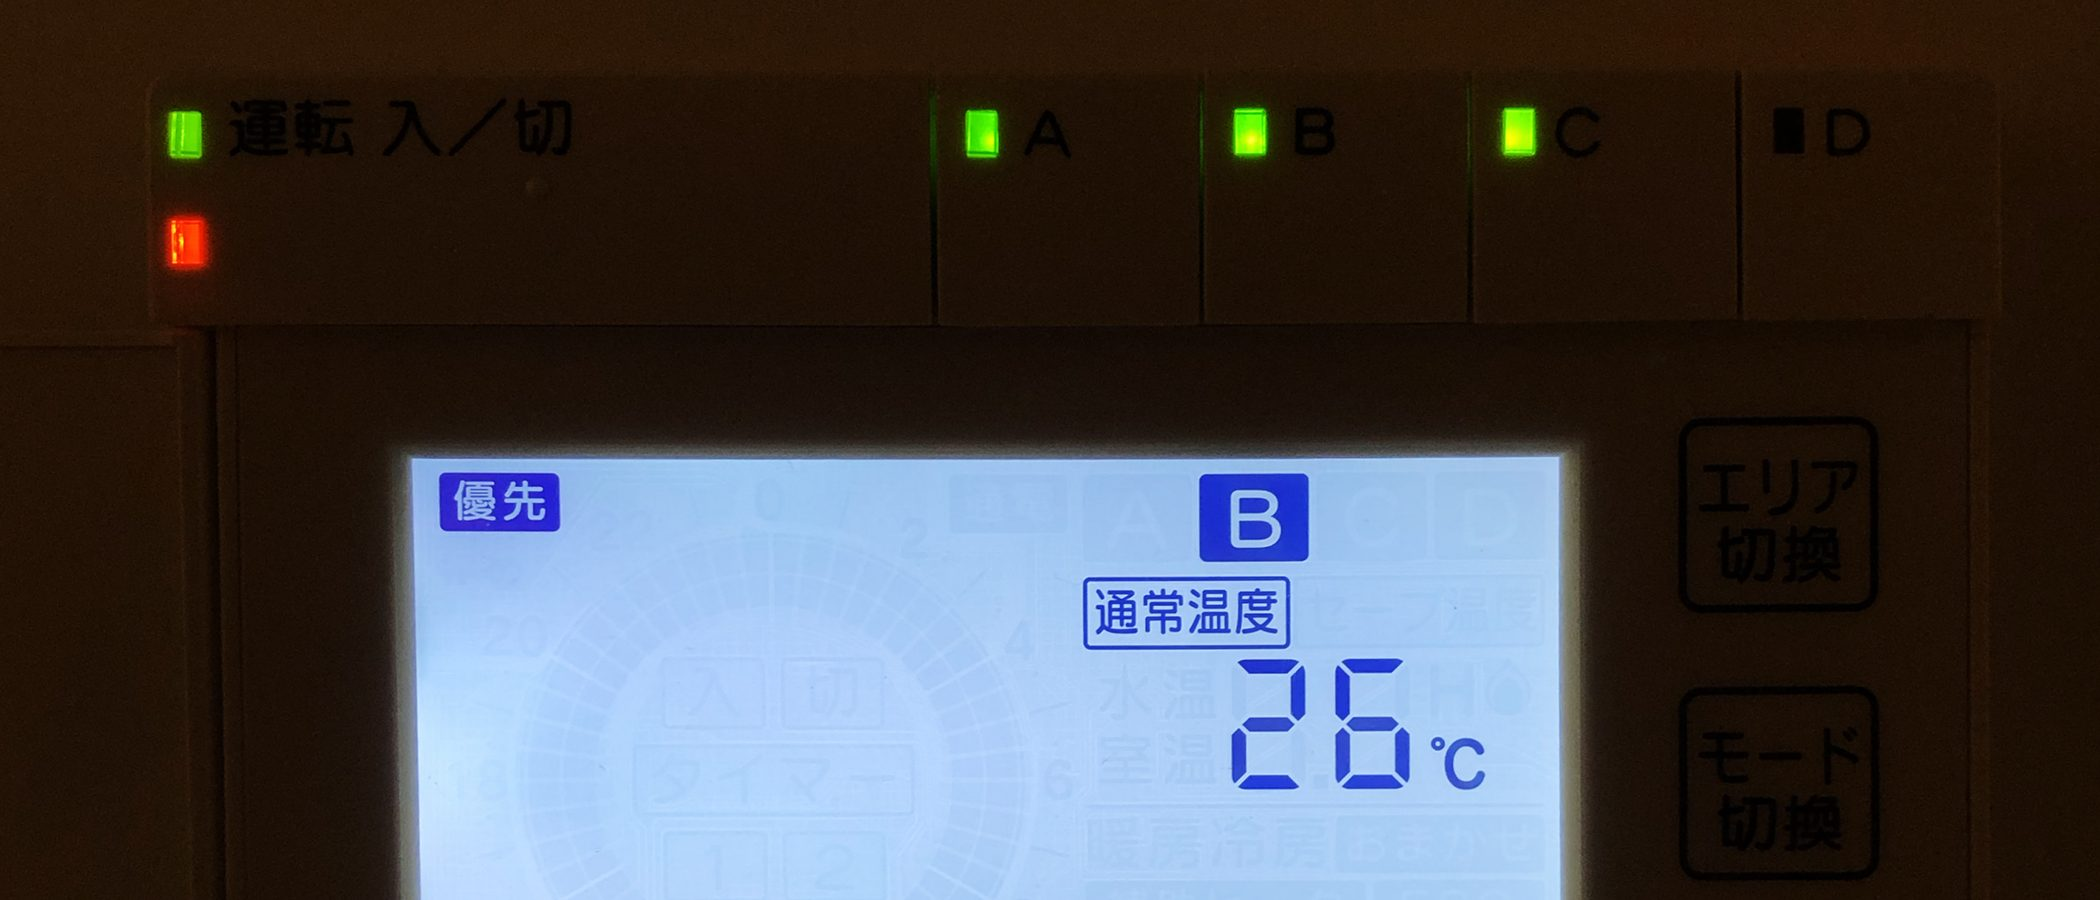 一条工務店i-smart 床暖房 設定温度 トラブル